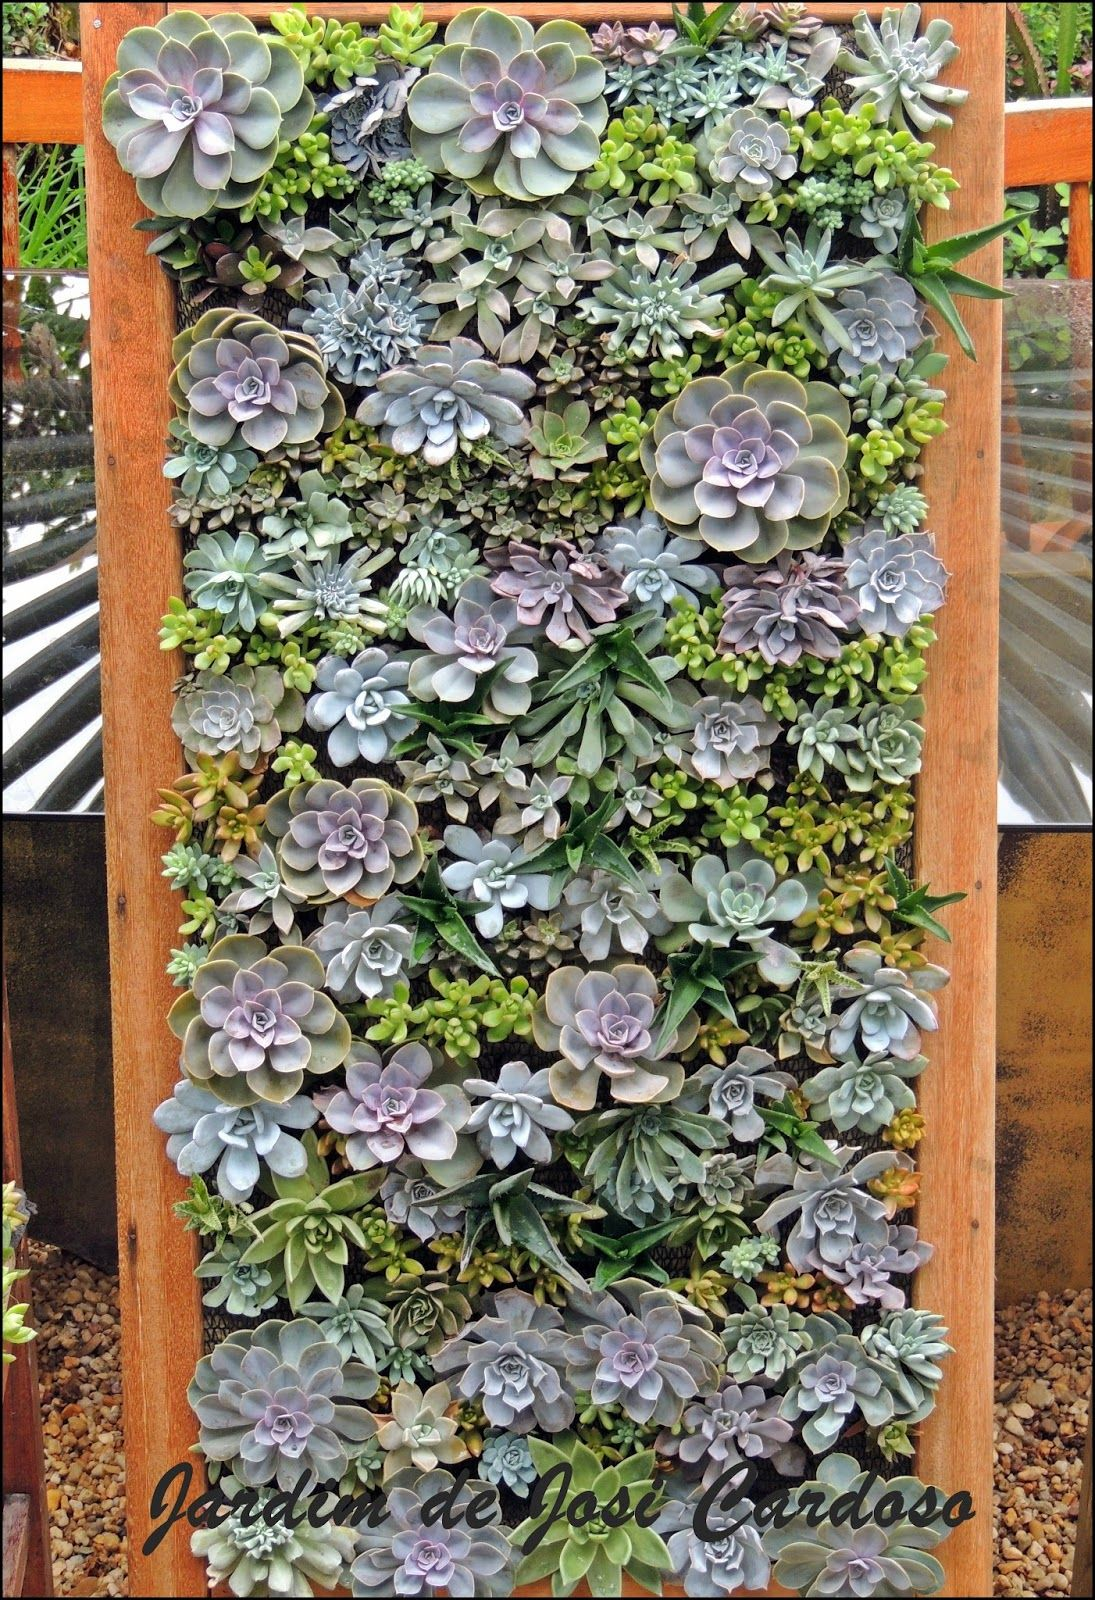 Cactus & Succulent Garden By Josi Cardoso: How To Build A